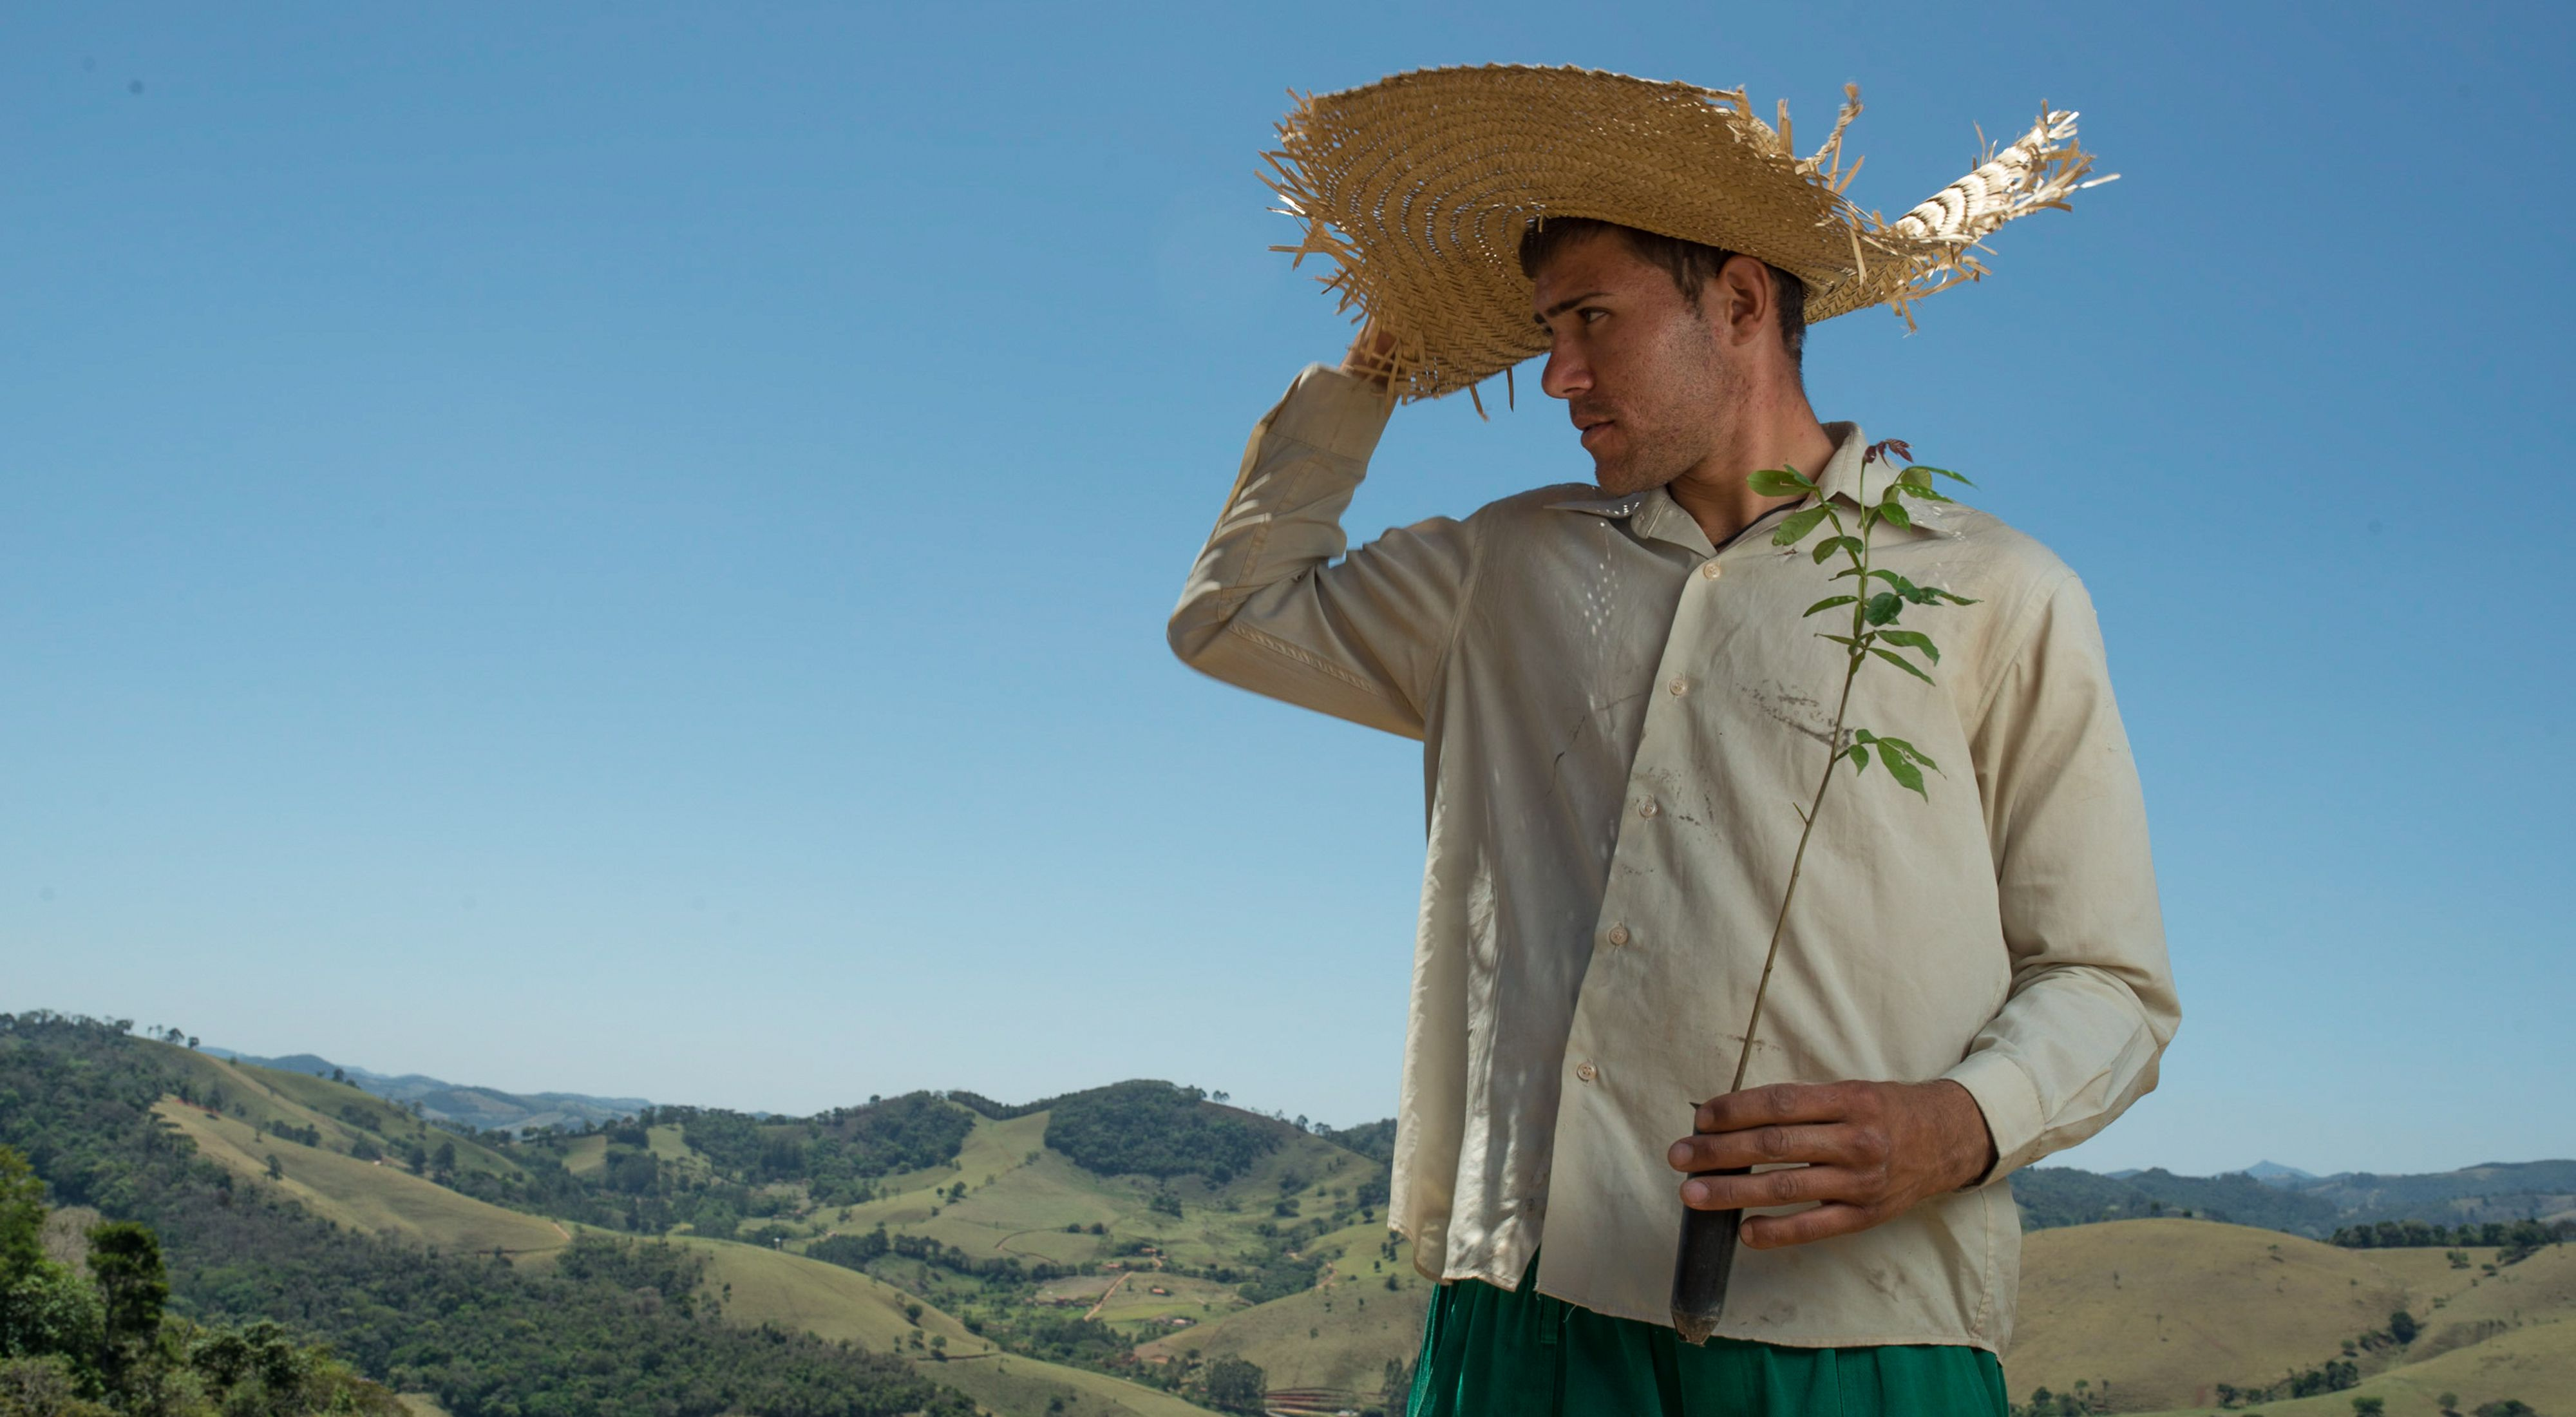 Vinicius Uchoa, un plantador de árboles local